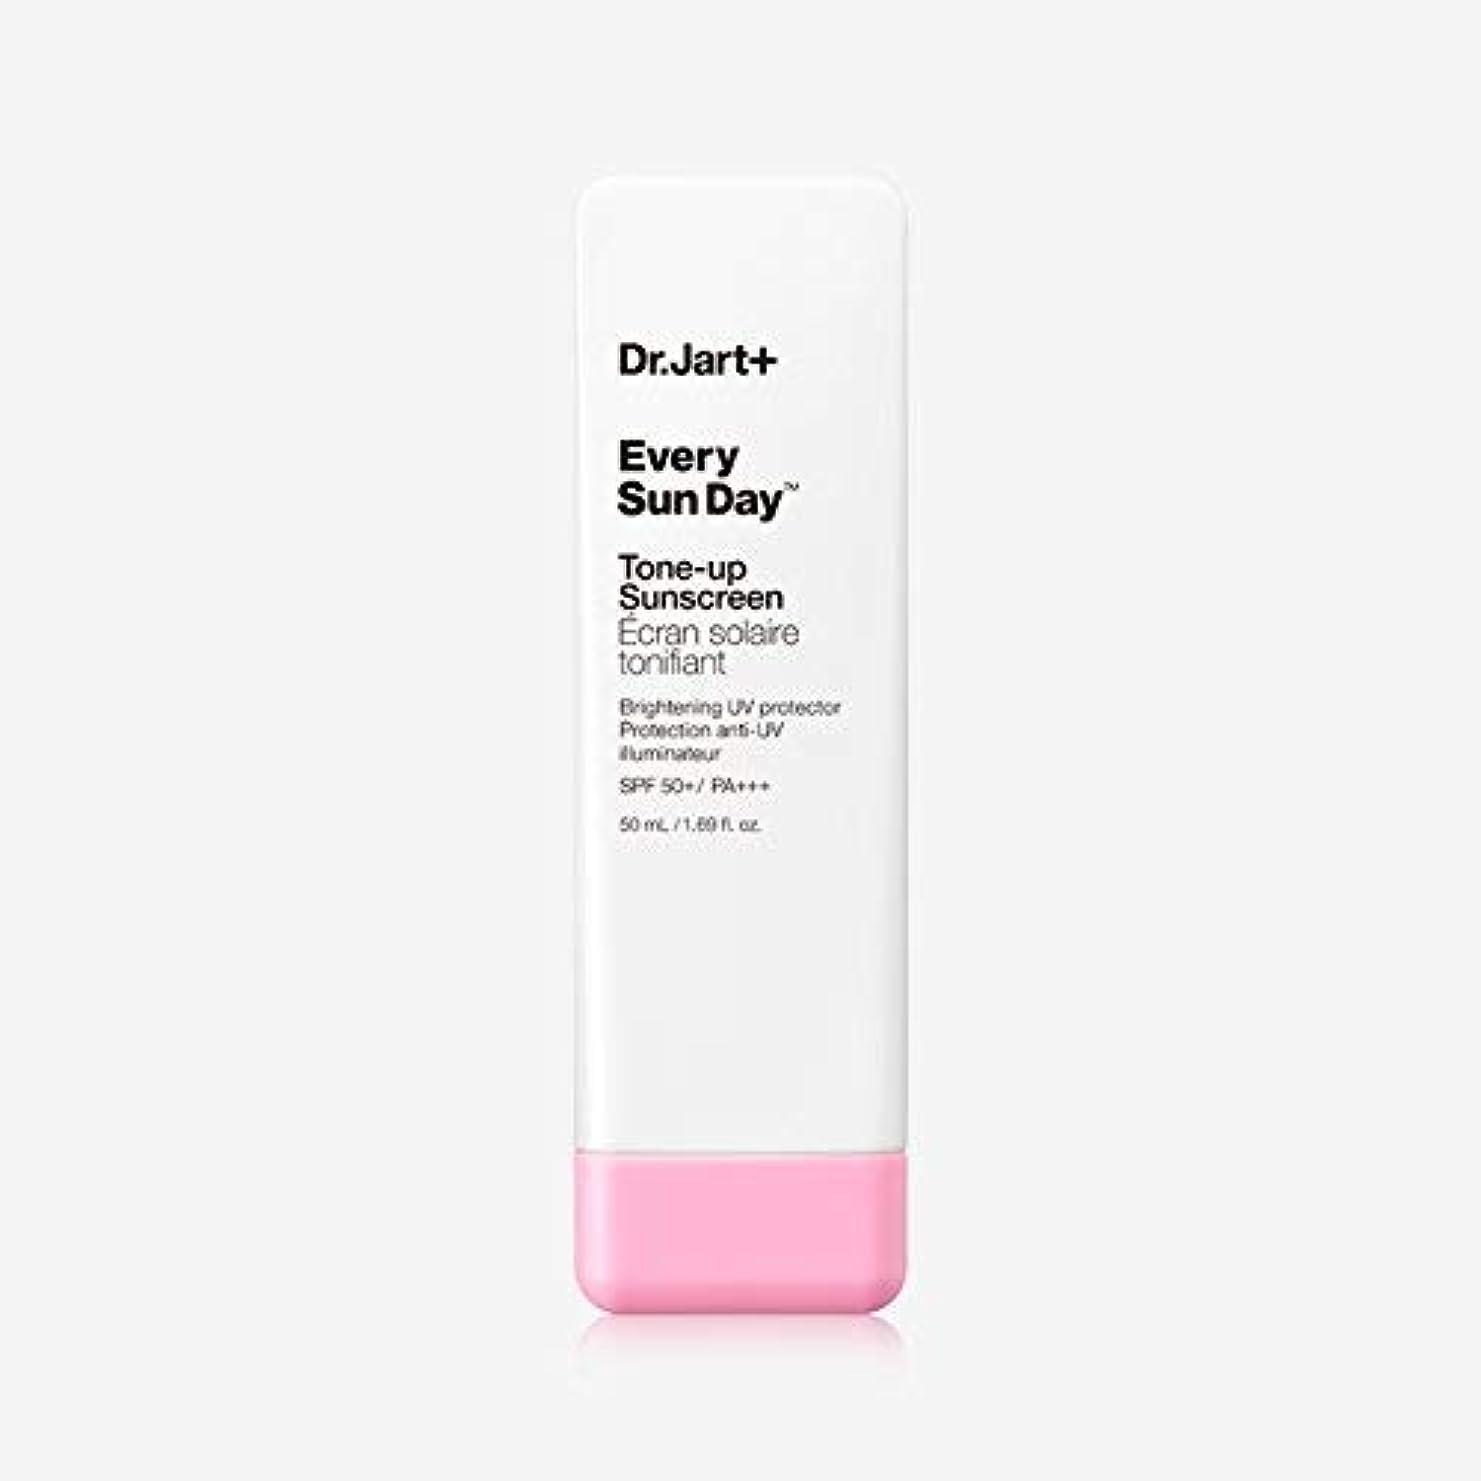 遠足パス危険を冒しますDr.Jart+ Every Sun Day Tone-up Sunscreen SPF50+ PA+++ 50ml / ドクタージャルトゥエヴリサンデートーンアップサンスクリーンSPF50+PA+++50ml [並行輸入品]